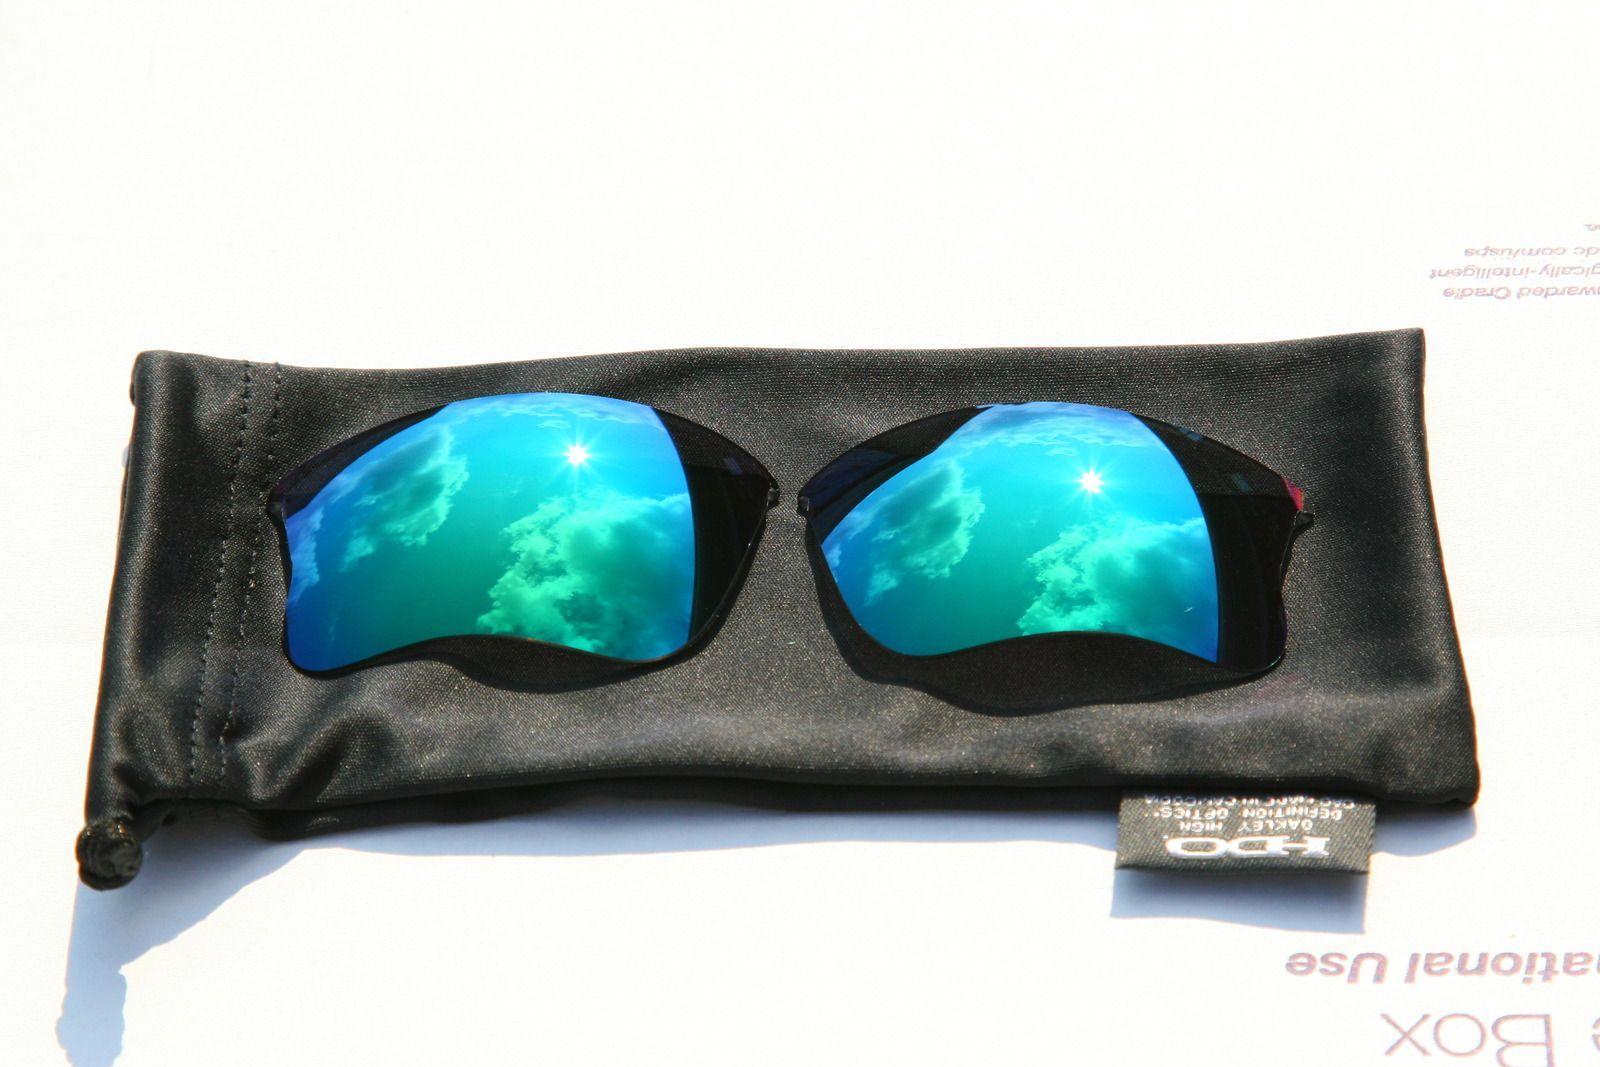 Oakley Flak Jacket Infrared Frame 03-896 And Jade Iridium XLJ Lenses - zdl6.jpg